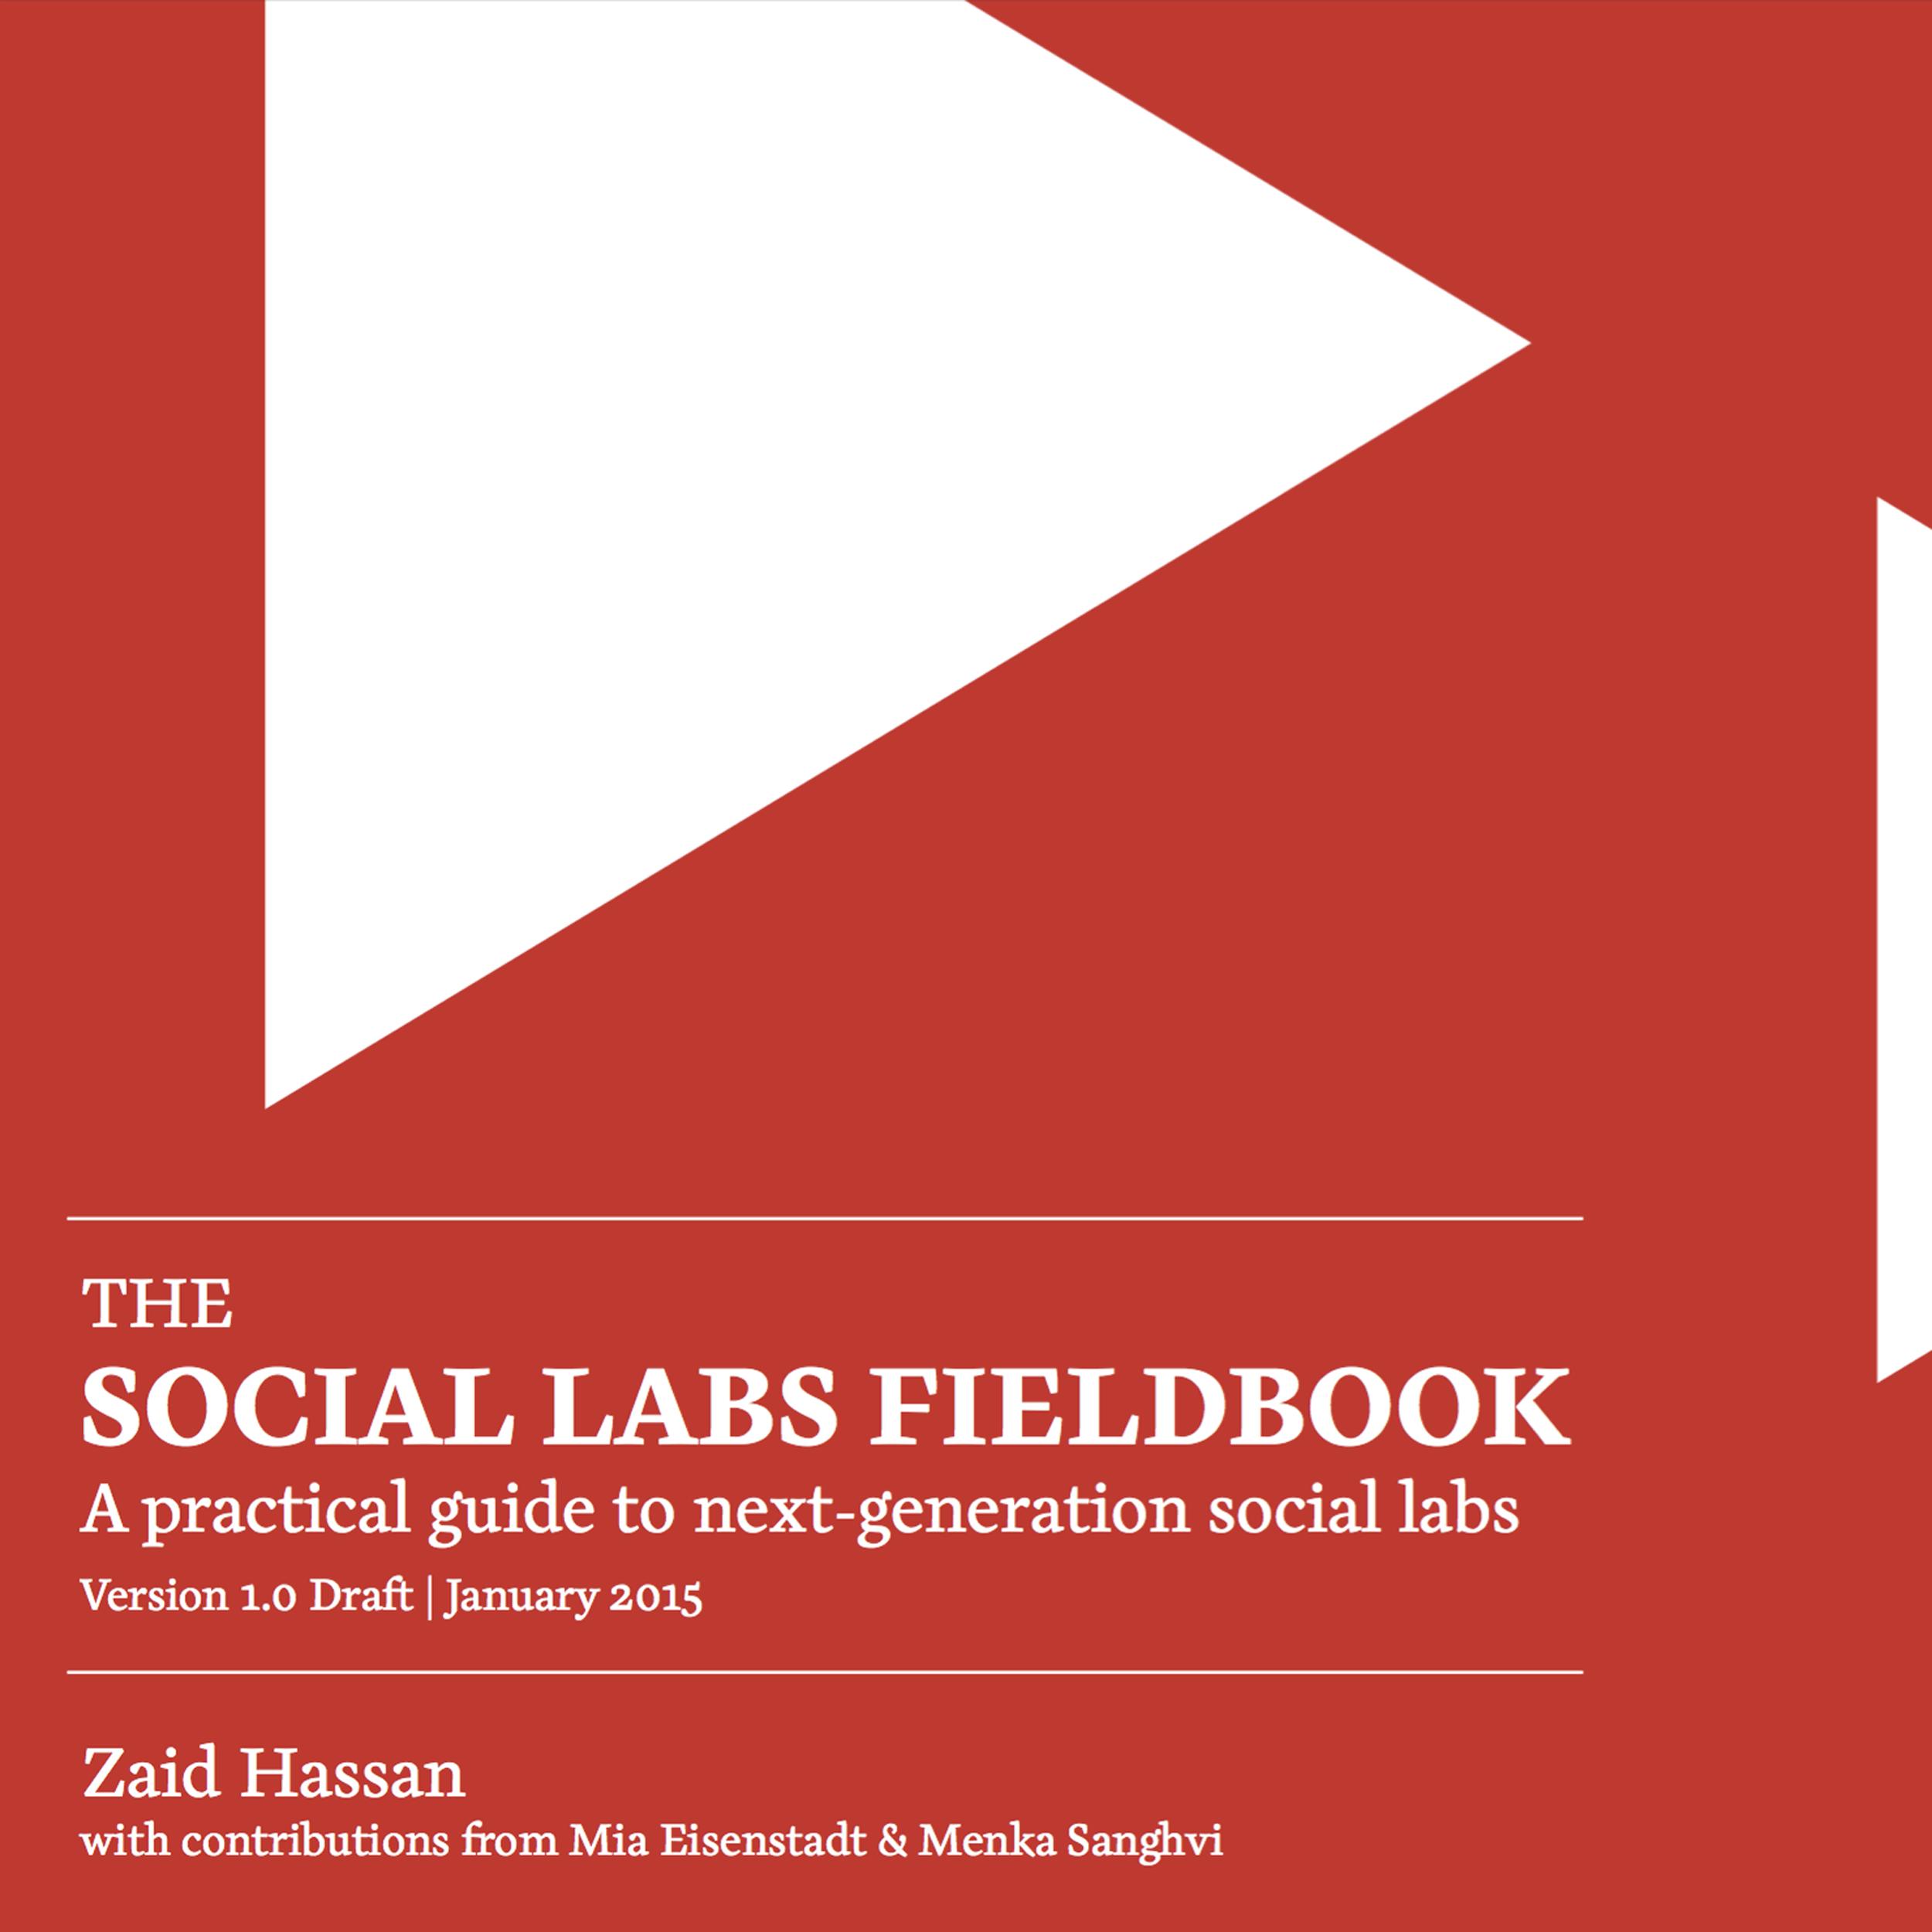 the social labs fieldbook | practice